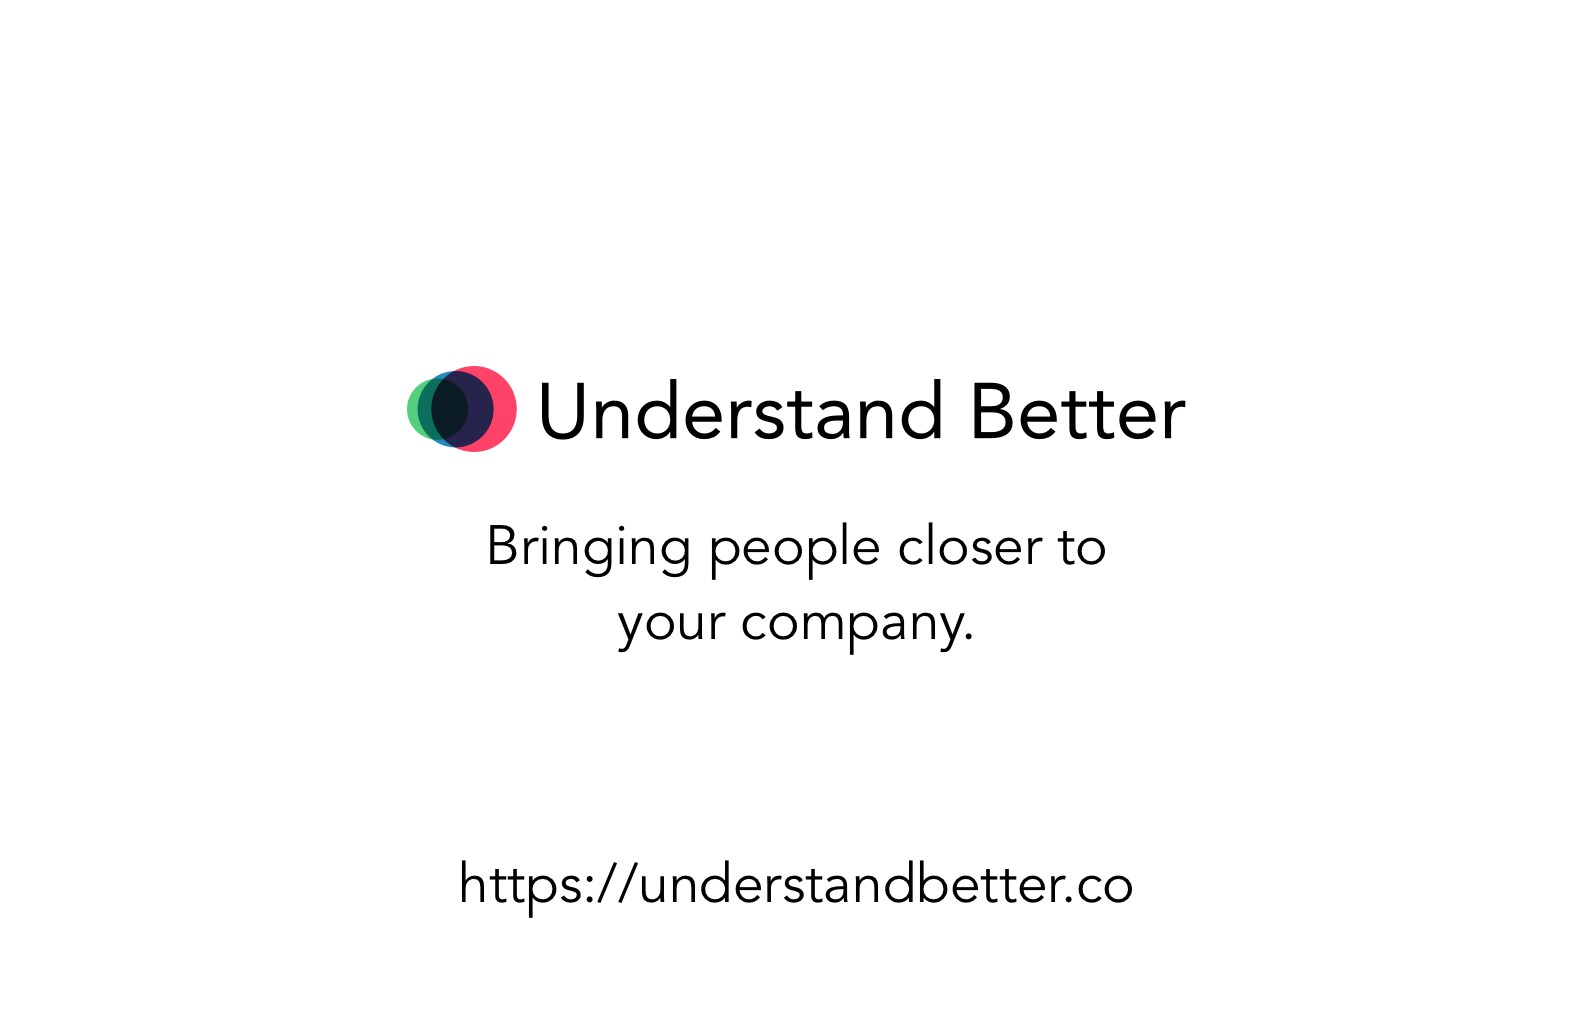 UnderstandBetter Announcement